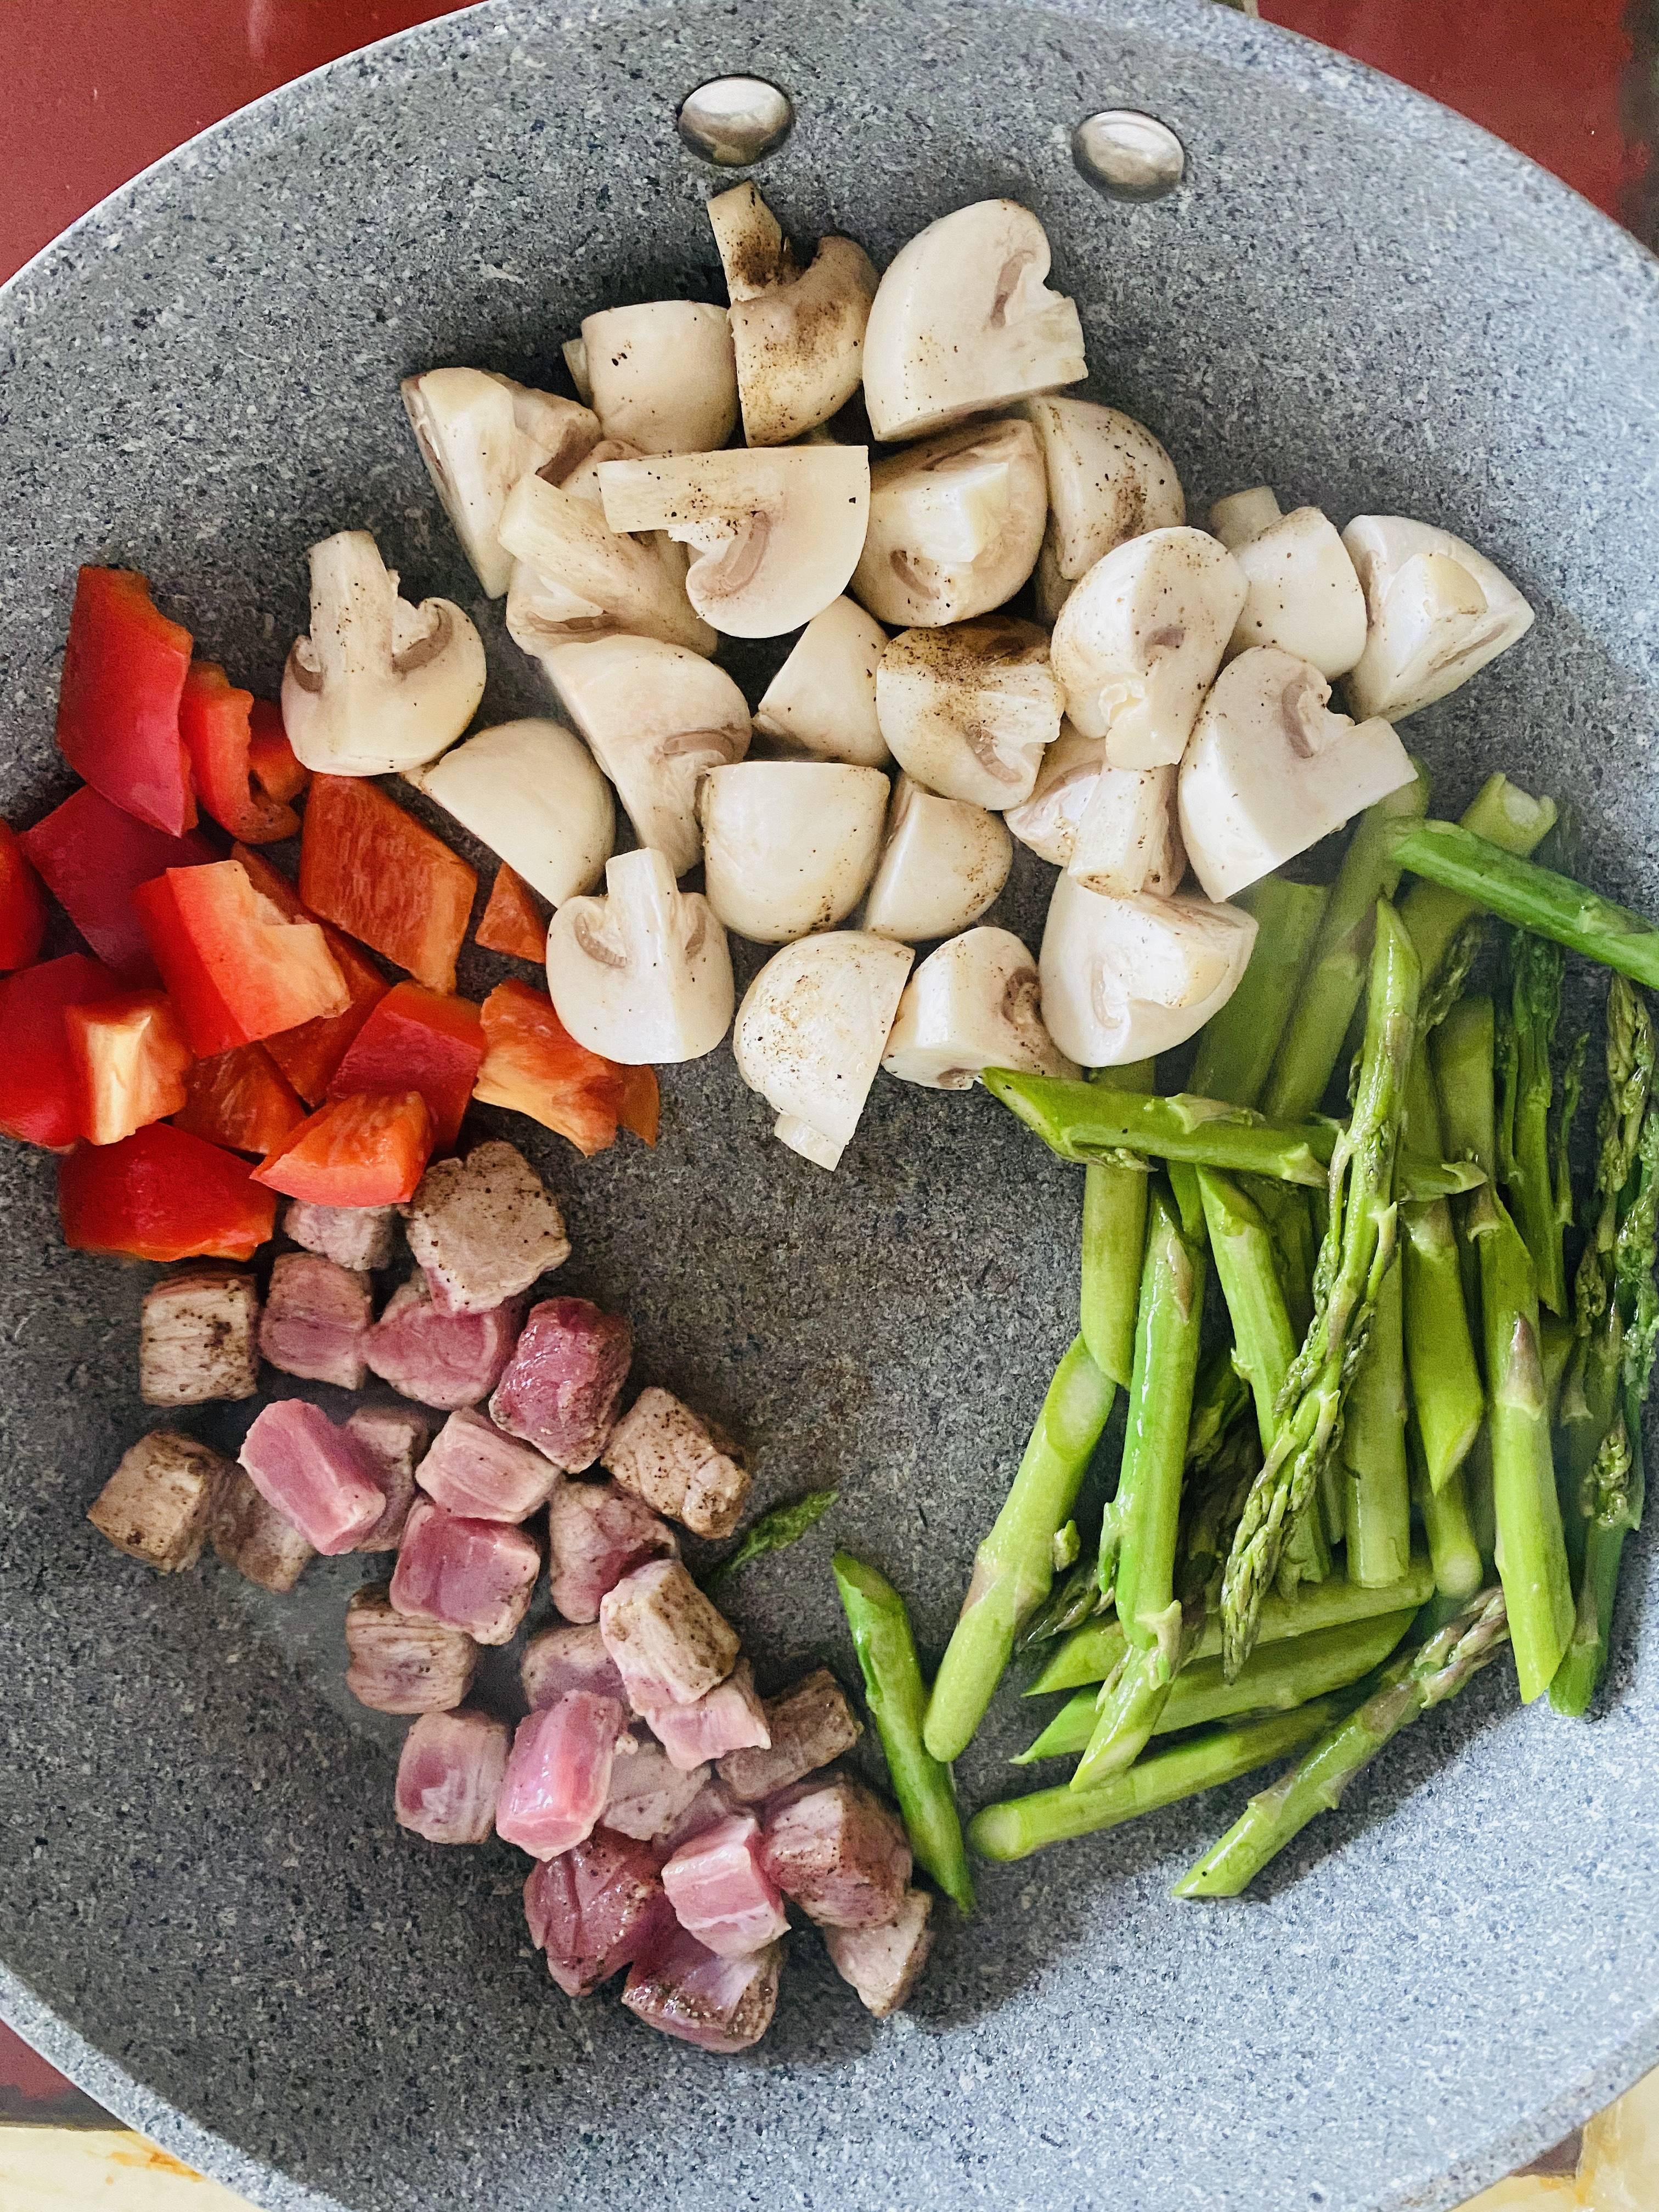 超简单👩💼减脂餐便当🍱芦笋蘑菇煎牛排的做法 步骤2